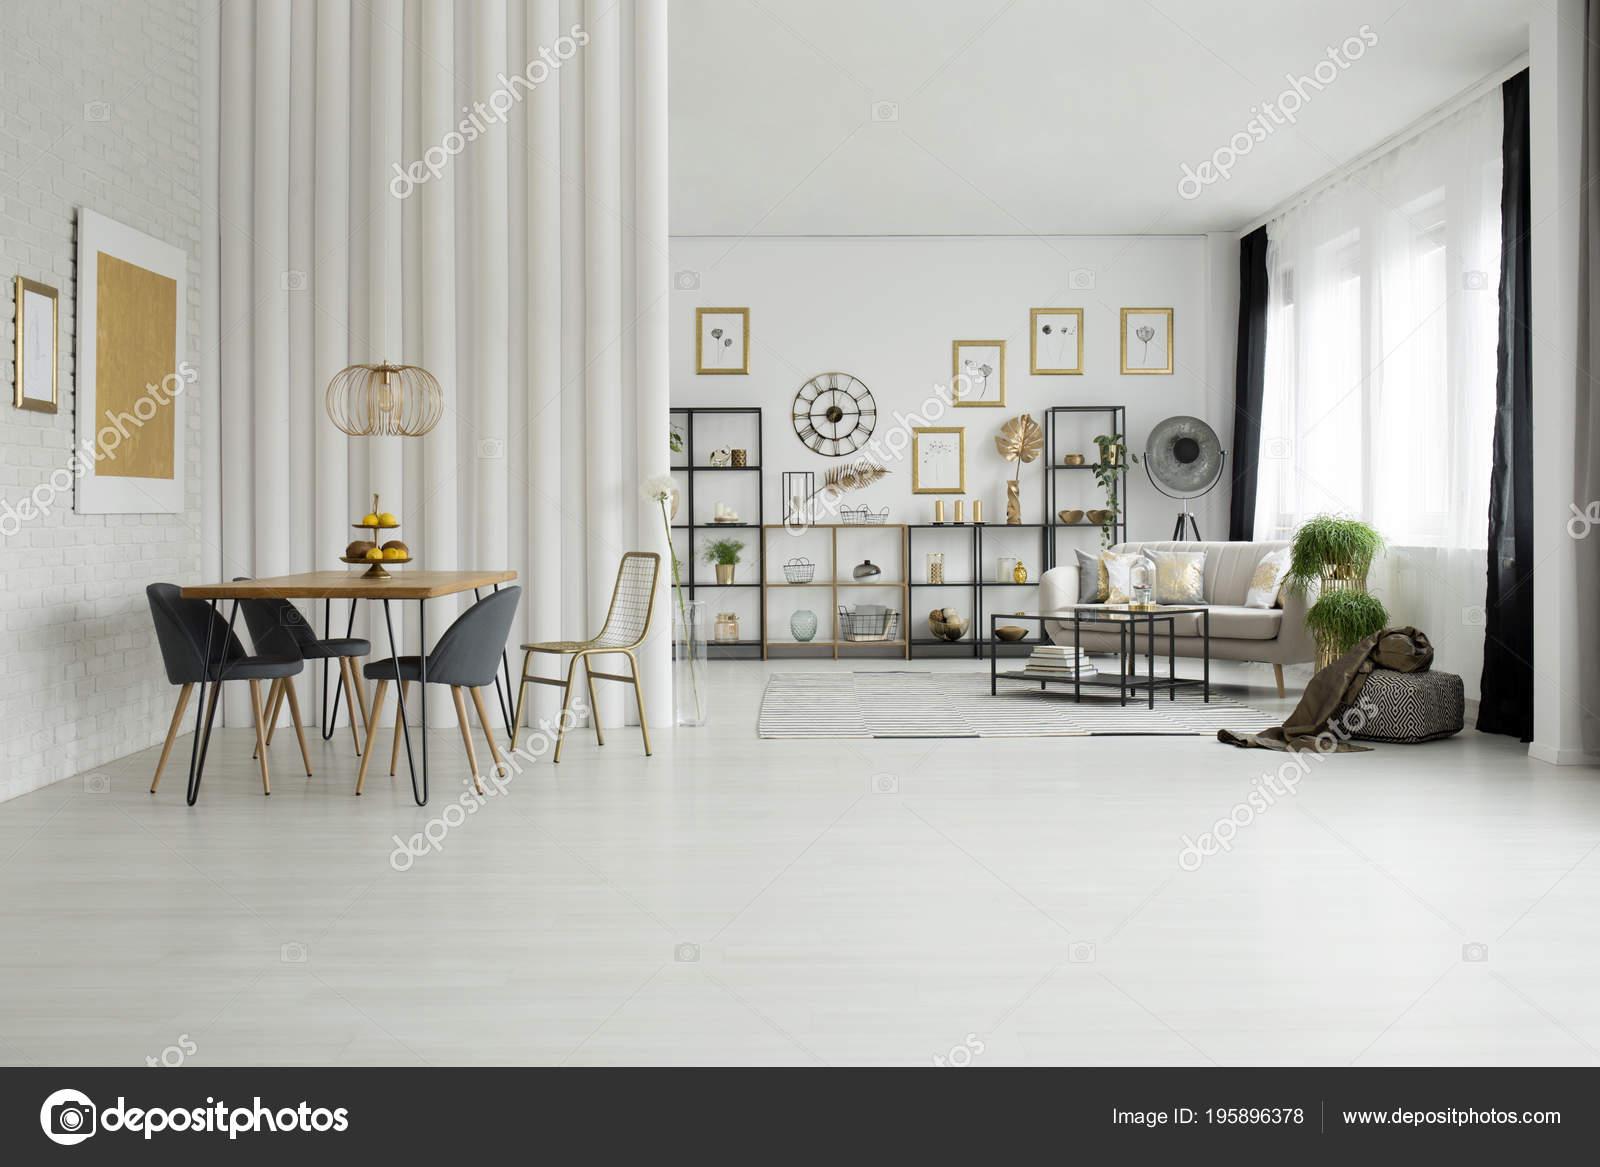 Sedie tavolo pranzo interno luminoso open space con divano oro